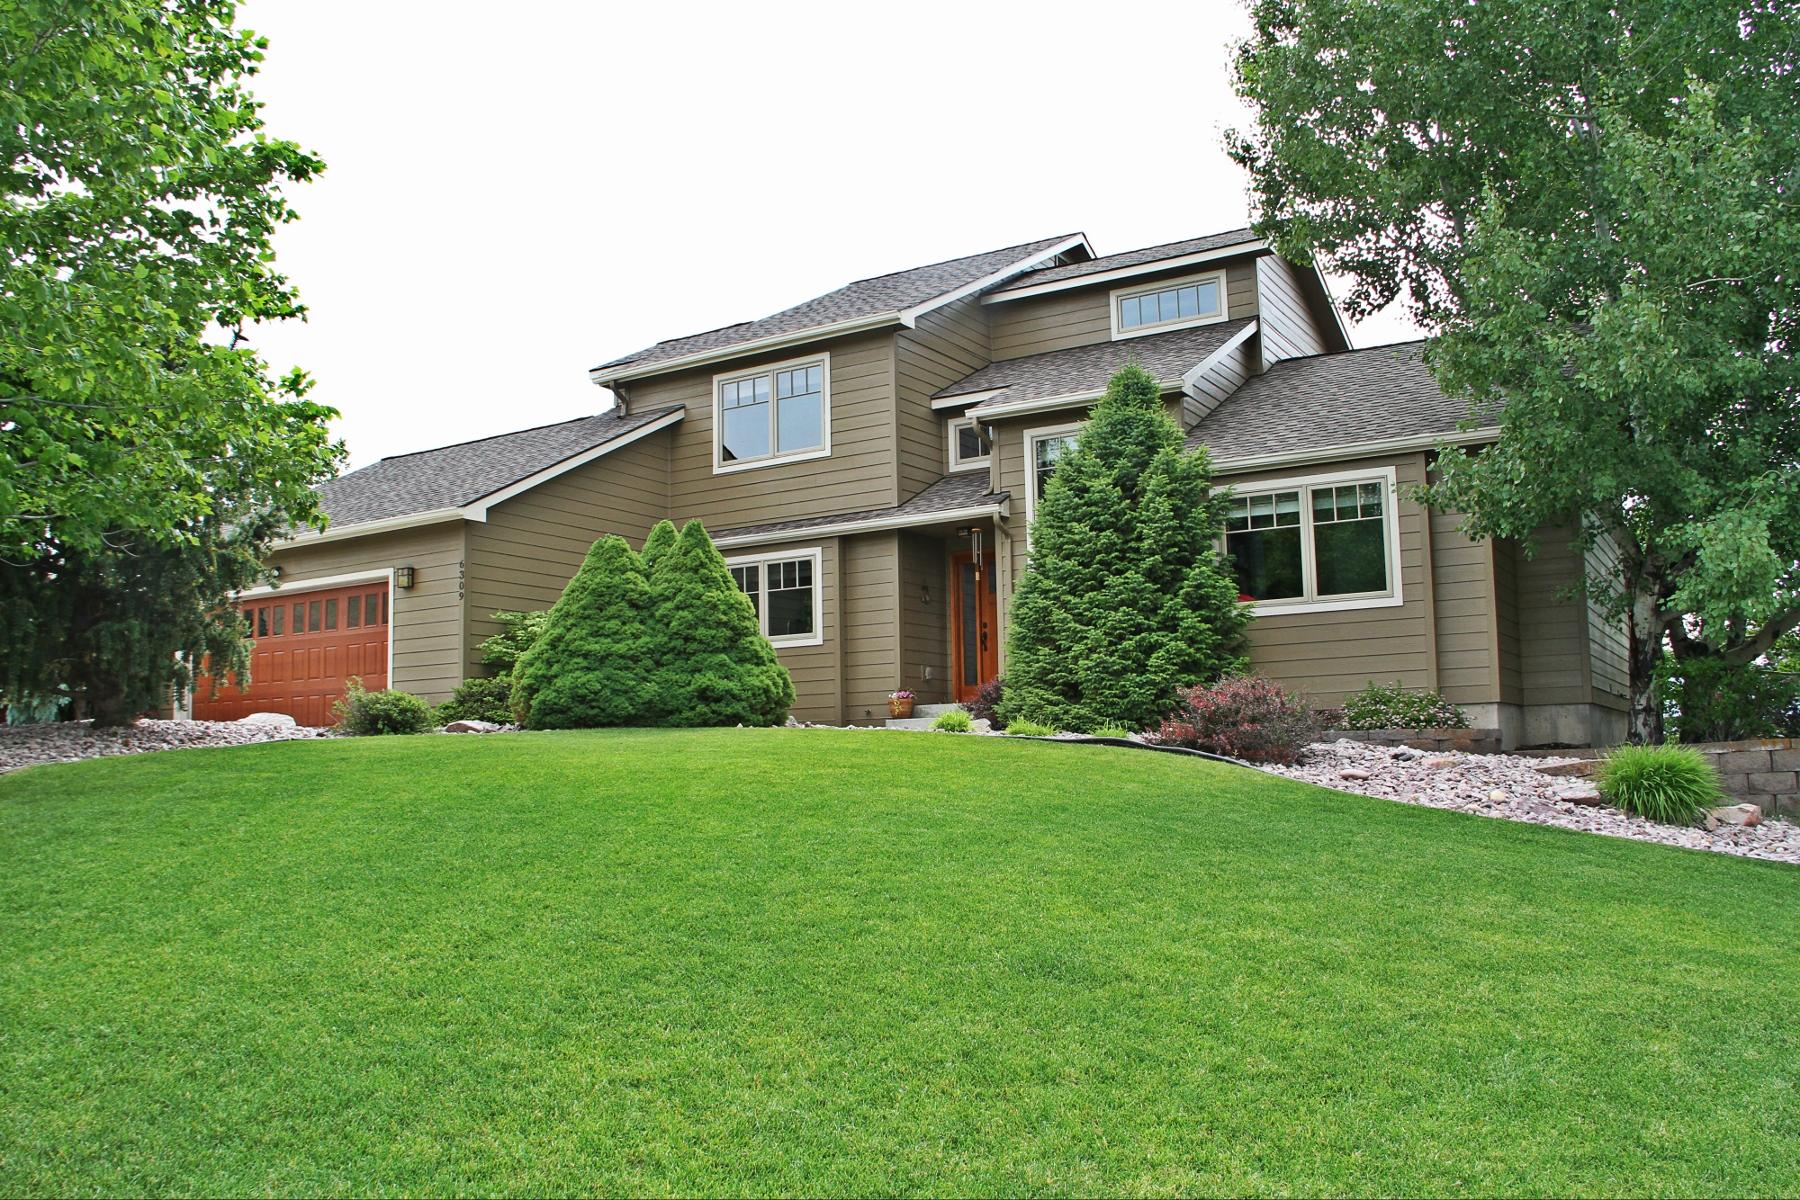 Casa para uma família para Venda às 6309 Hillview Way 6309 Hillview Way Missoula, Montana, 59803 Estados Unidos